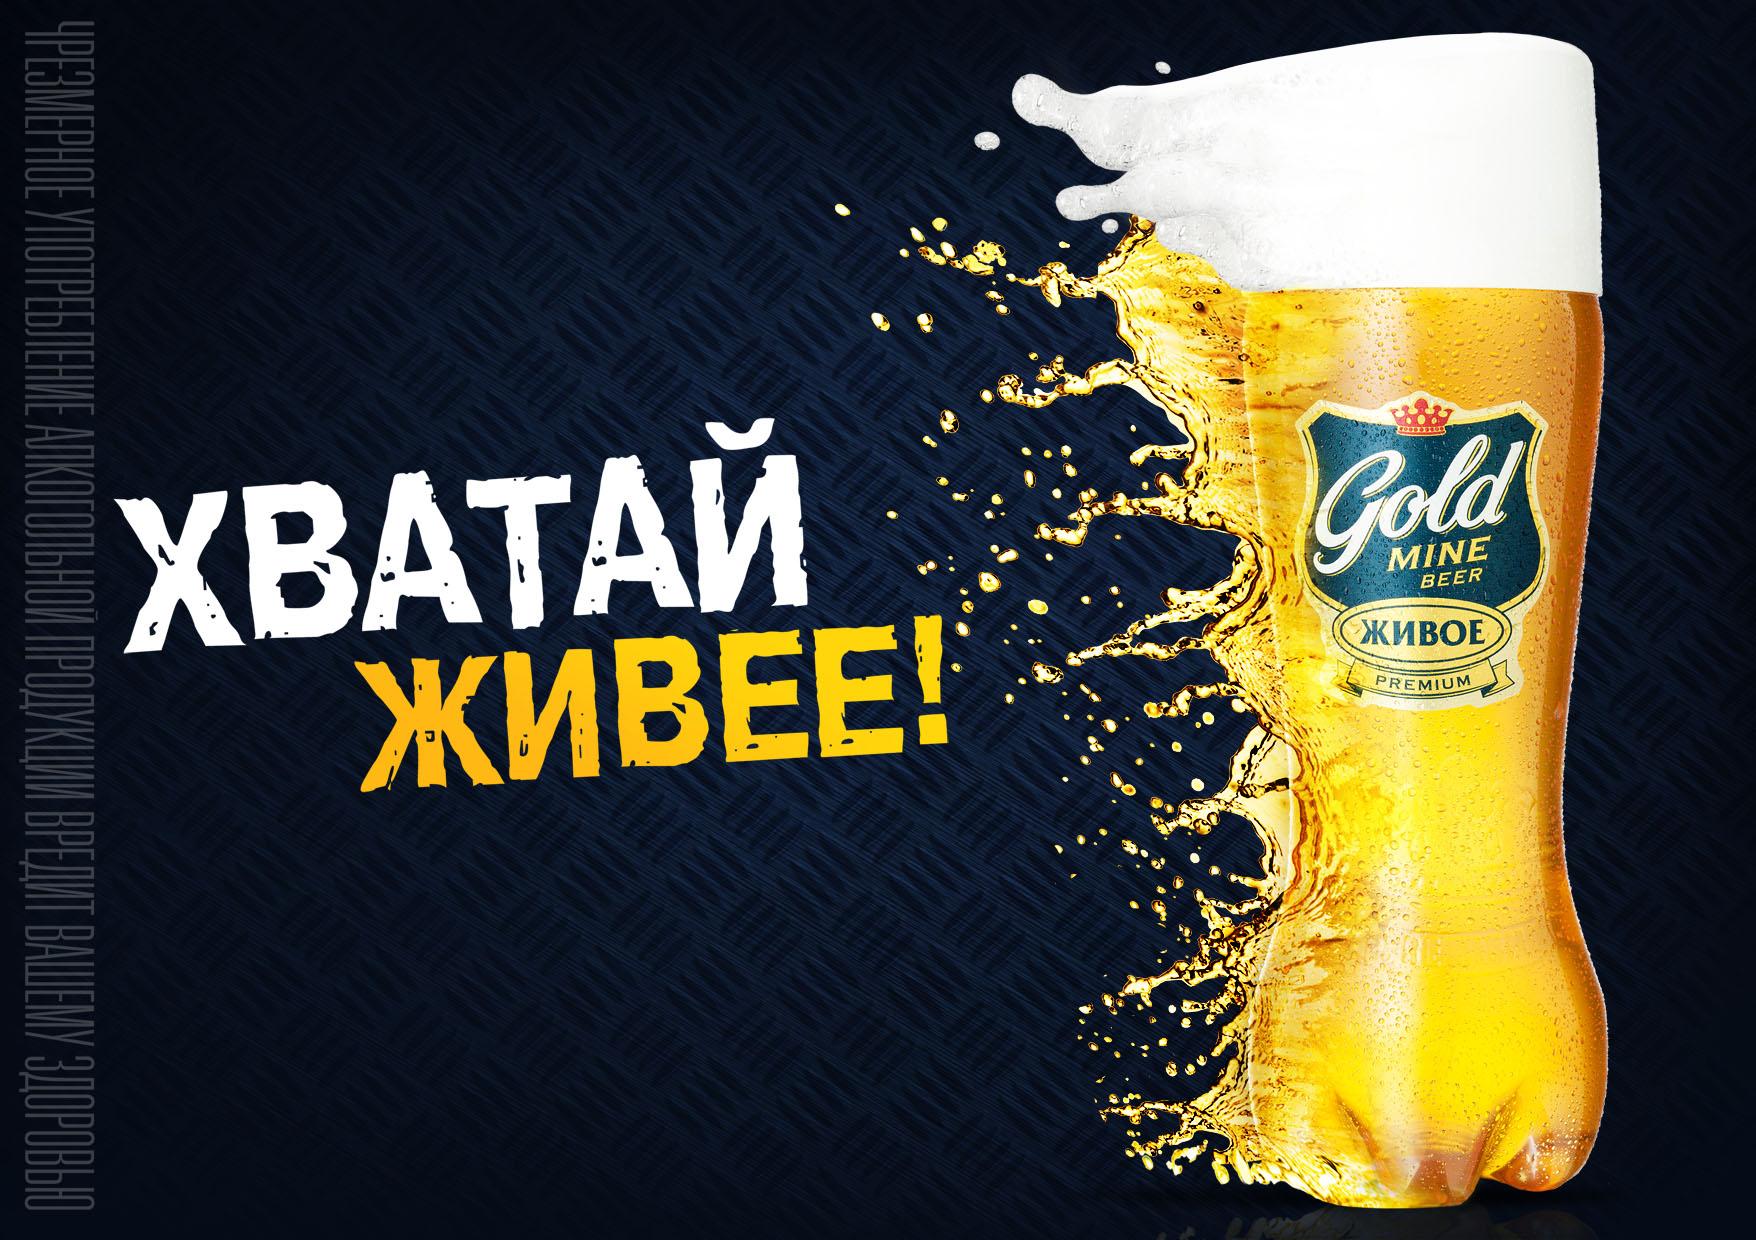 Gold mine Beer: упаковка как главный двигатель продаж